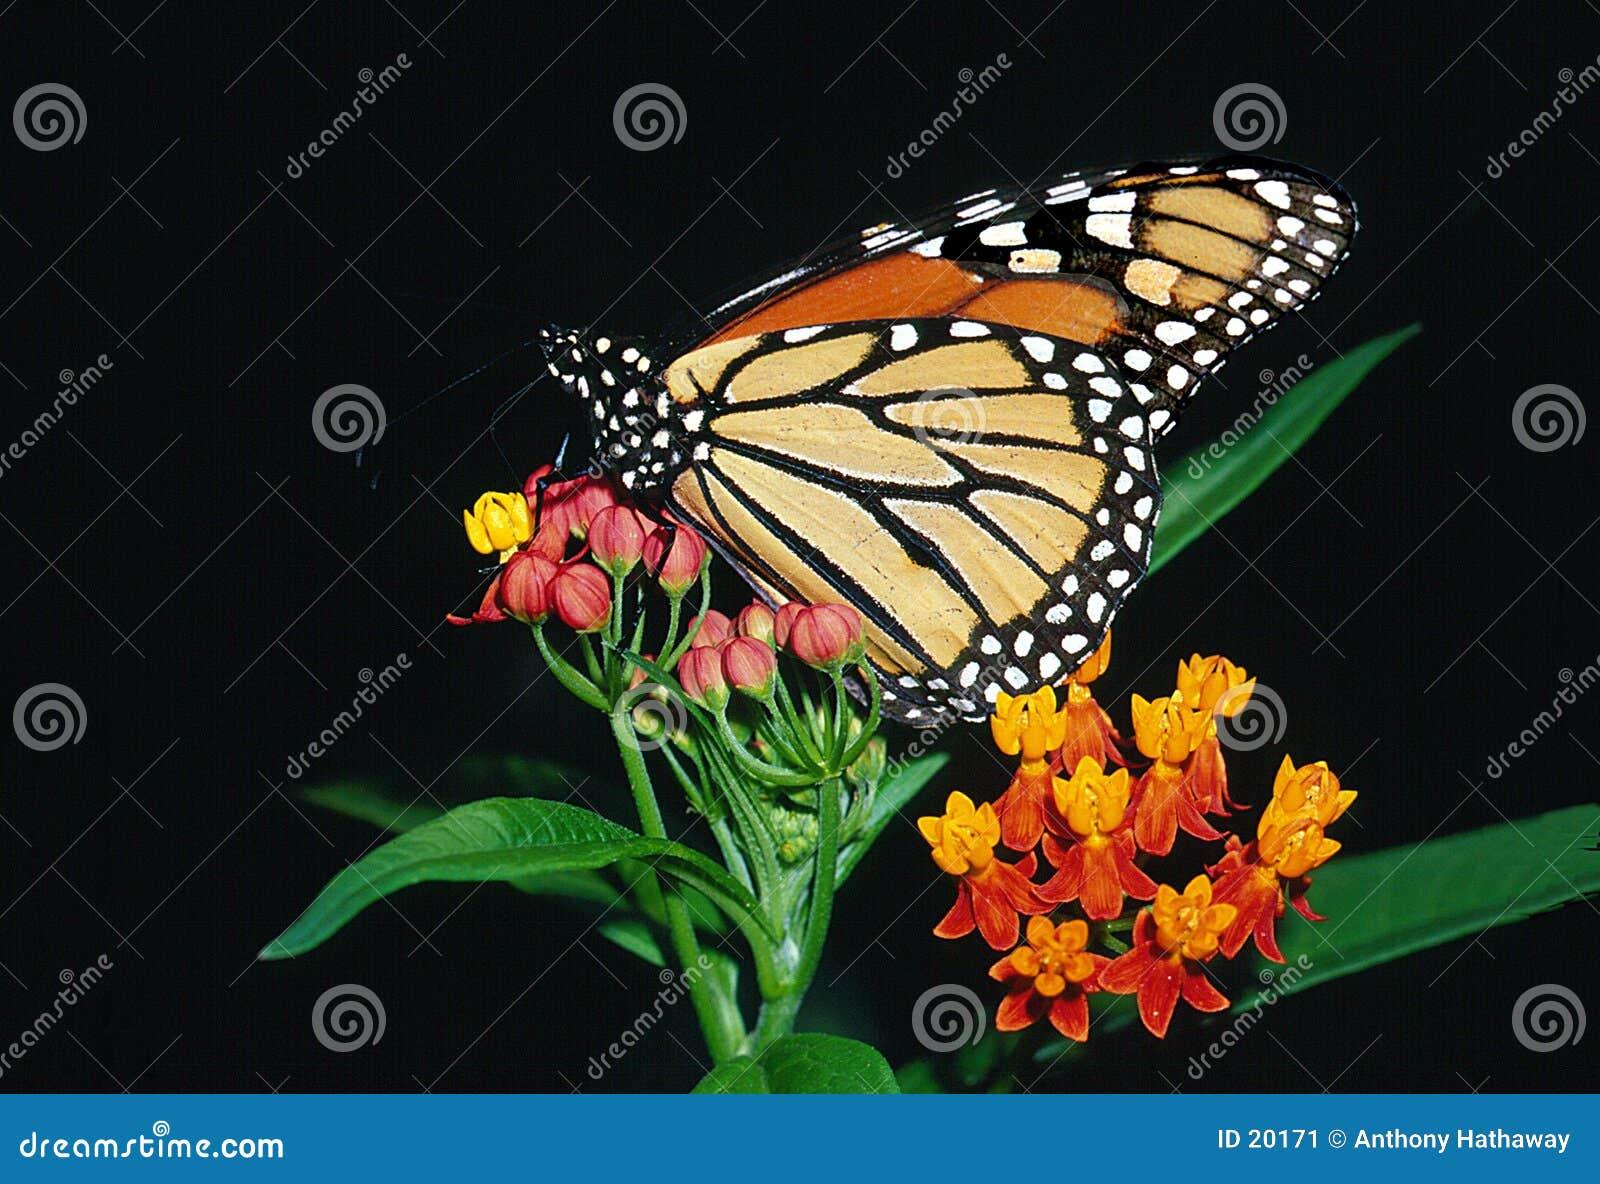 Monarch Butterfly on Bloodflower